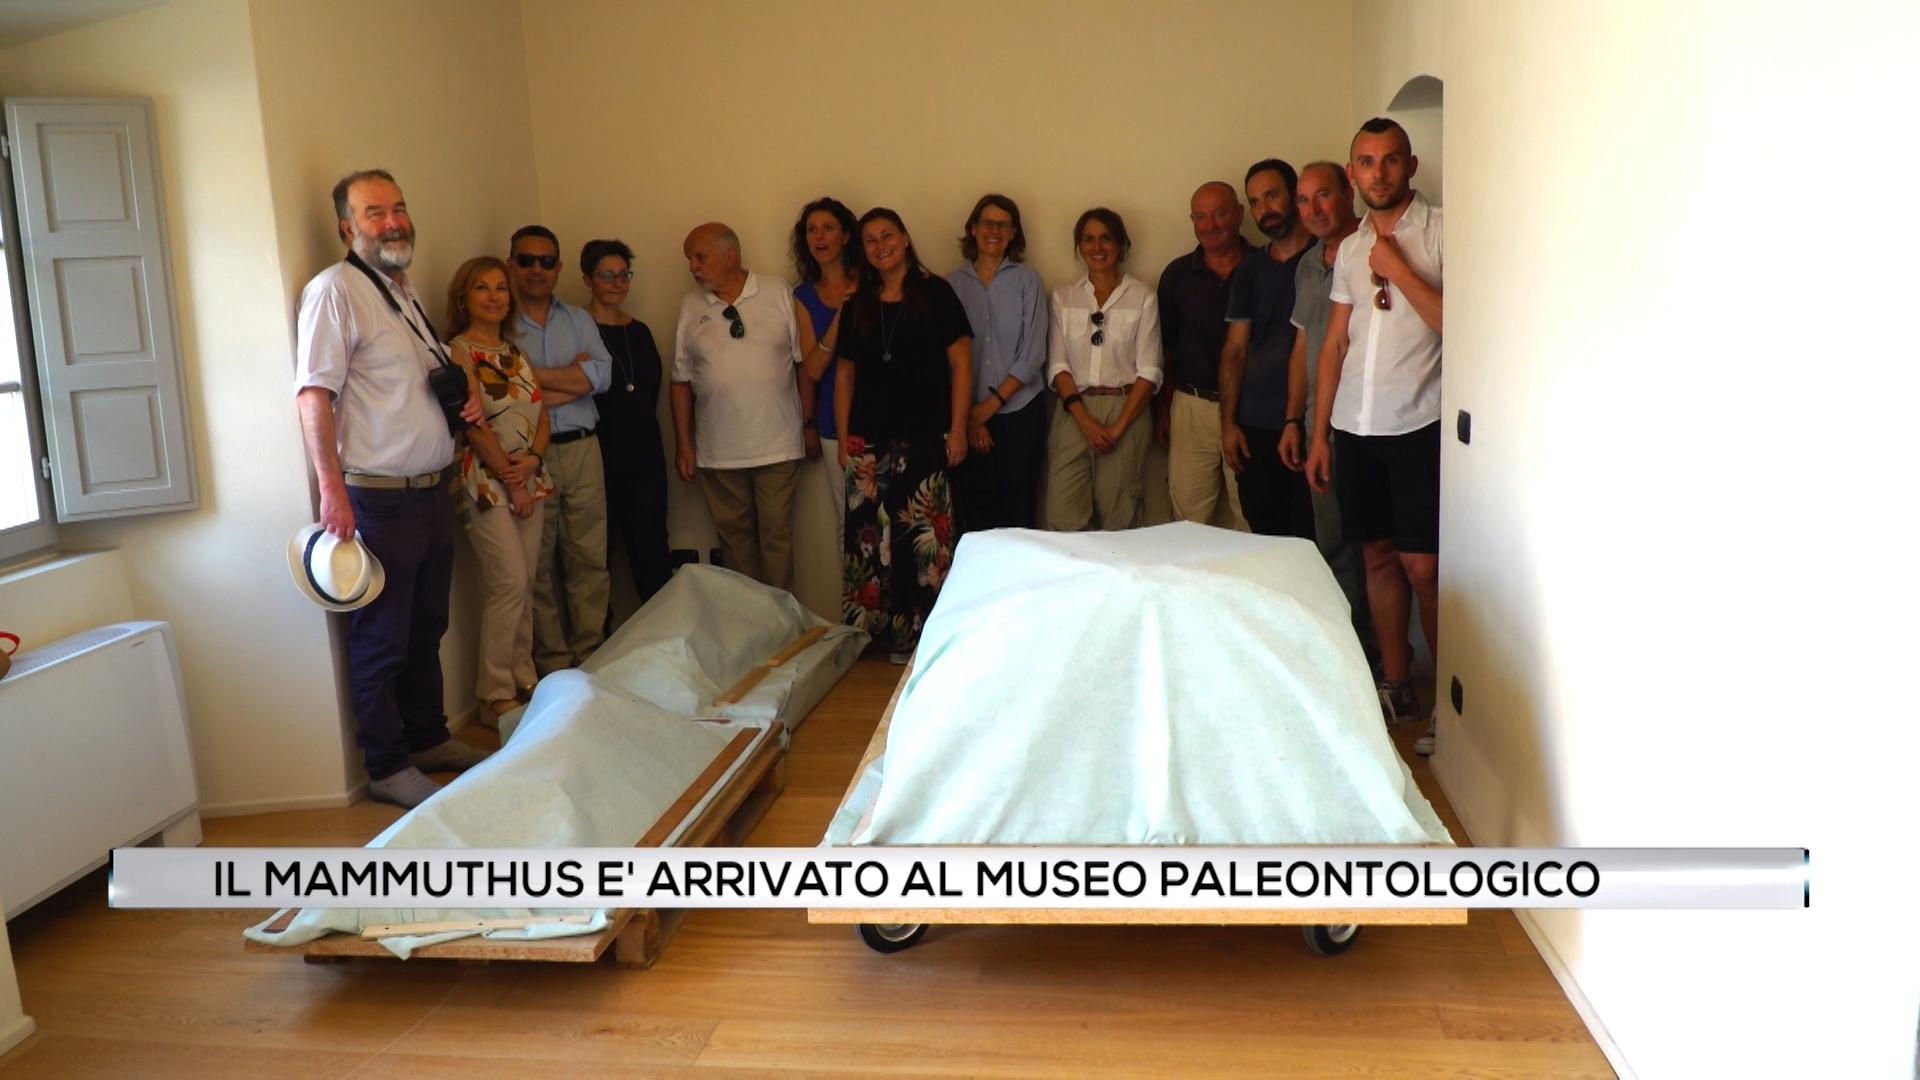 Il Mammuthus è arrivato al Museo Paleontologico